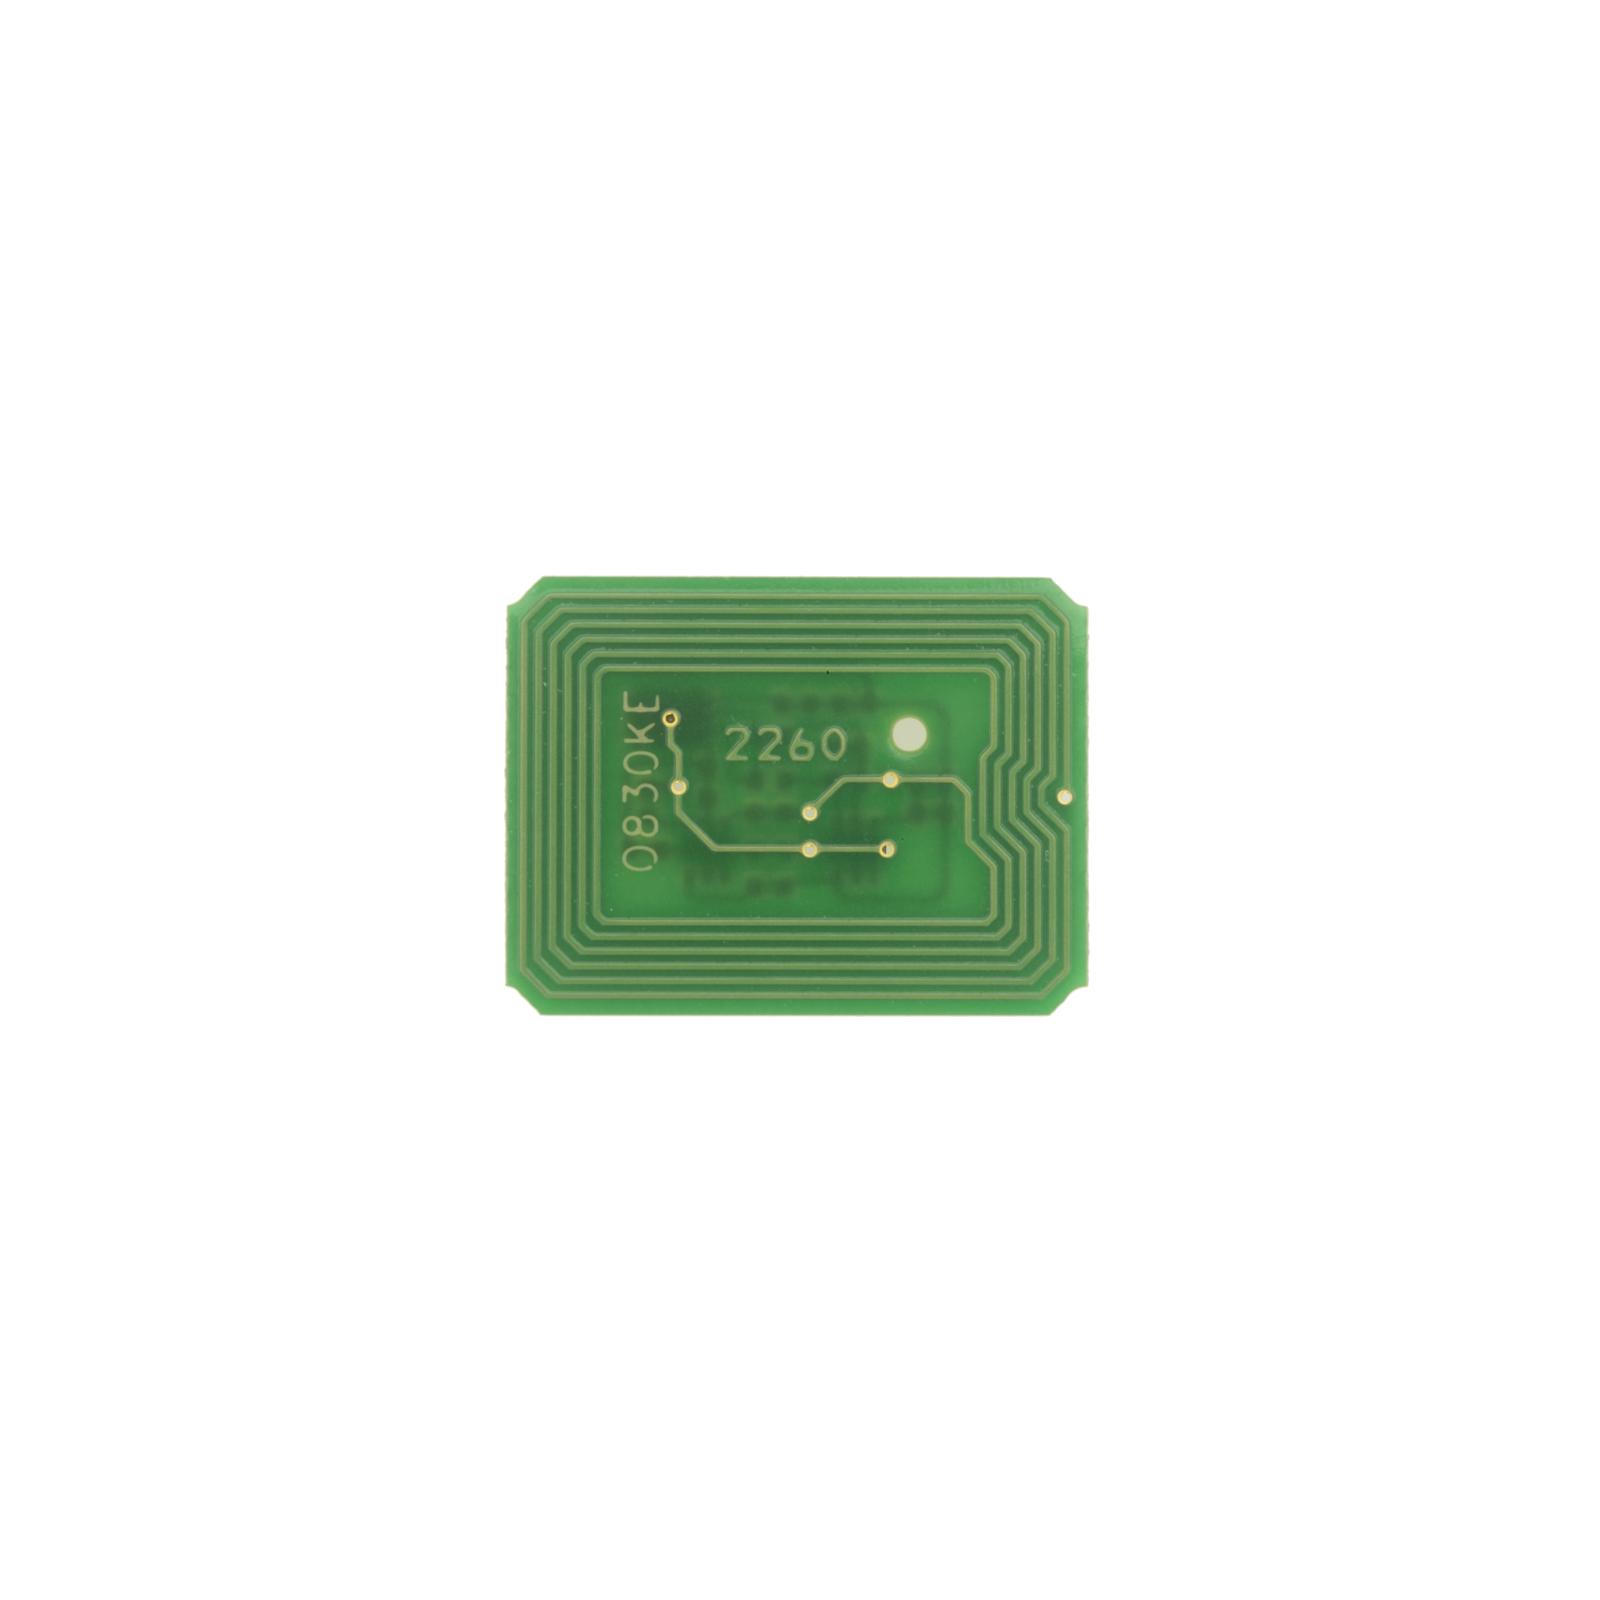 Чип для картриджа Oki C830 (44059105) (EU/AU/IS/RU) 8k yellow Static Control (OKI830CP-YEU)